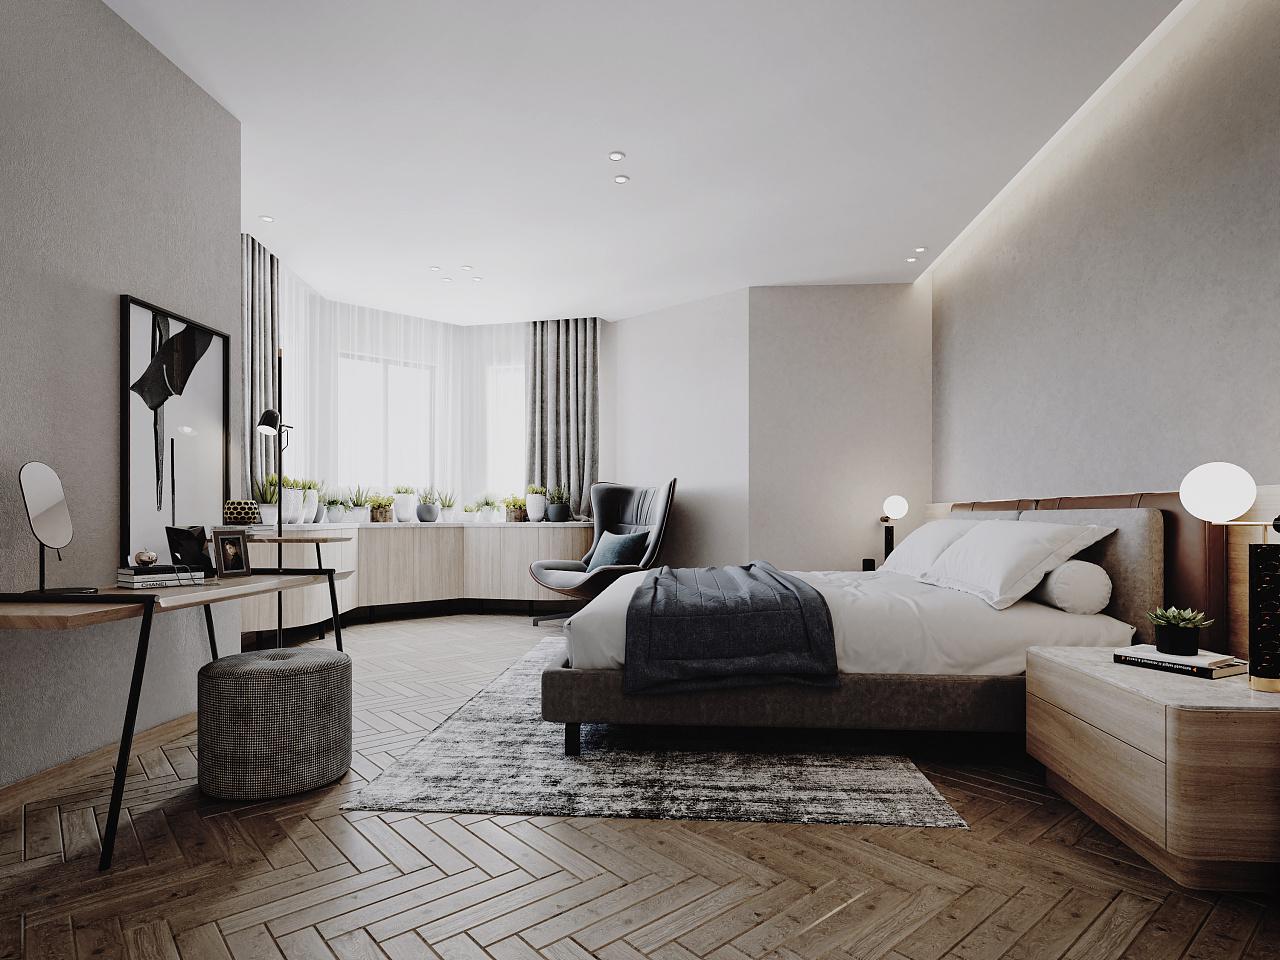 室内装潢设计师证_现代家装 空间 室内设计 Max点意 - 原创作品 - 站酷 (ZCOOL)